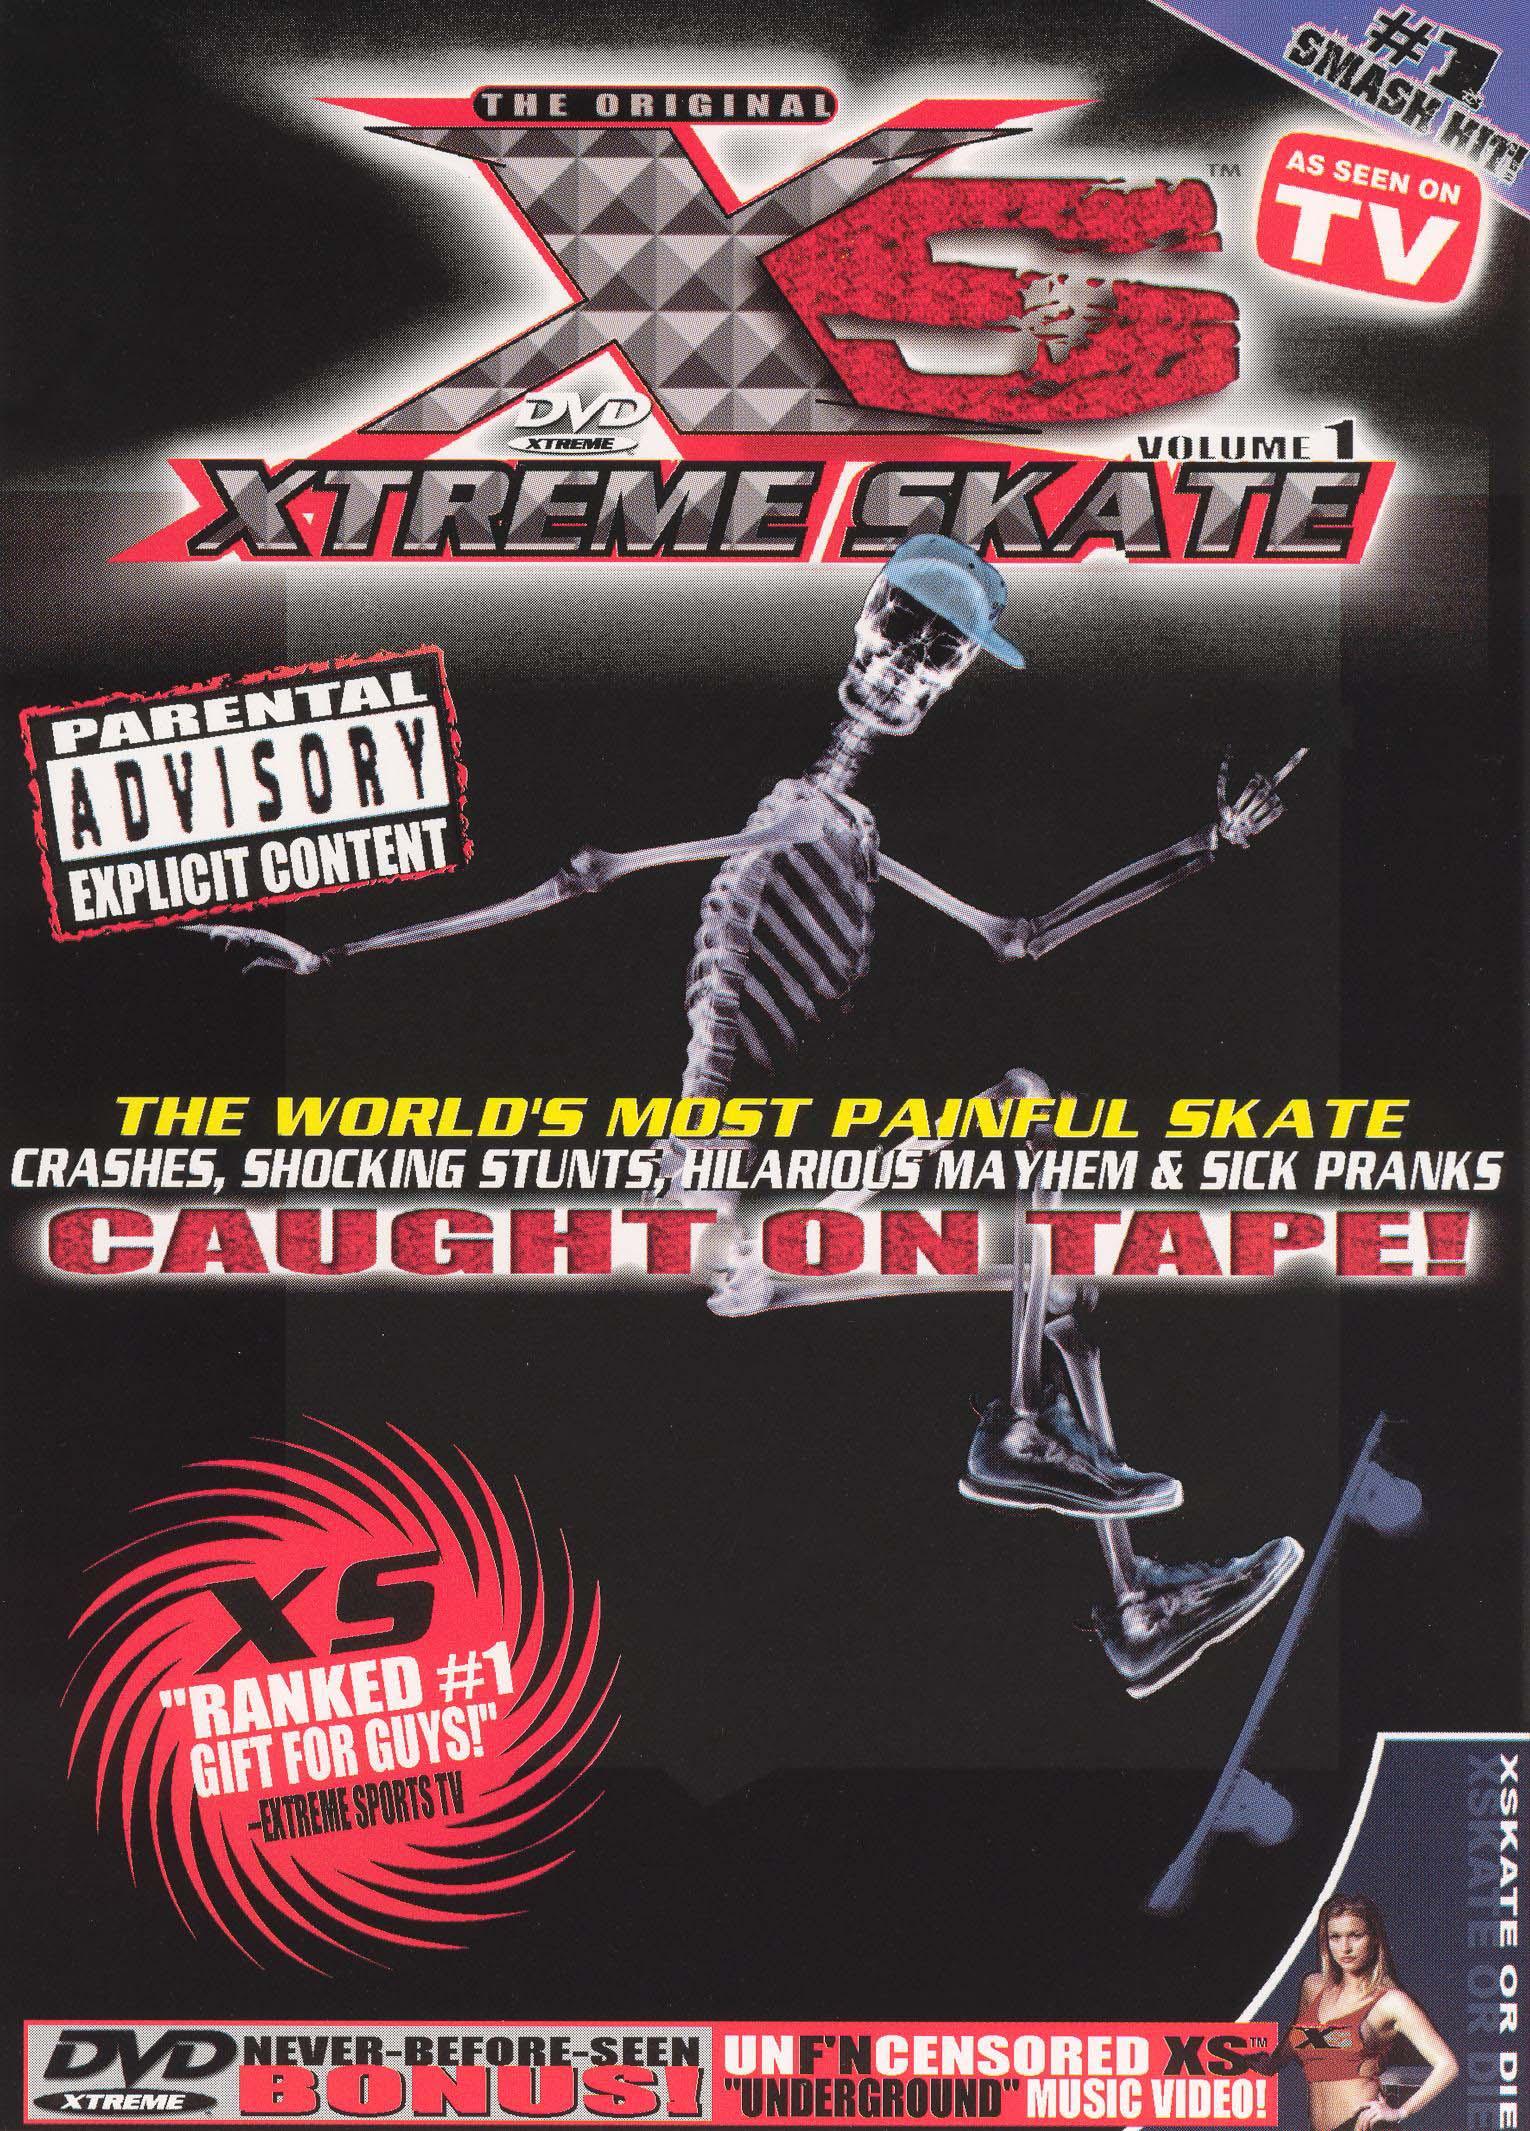 XS: Xtreme Skate